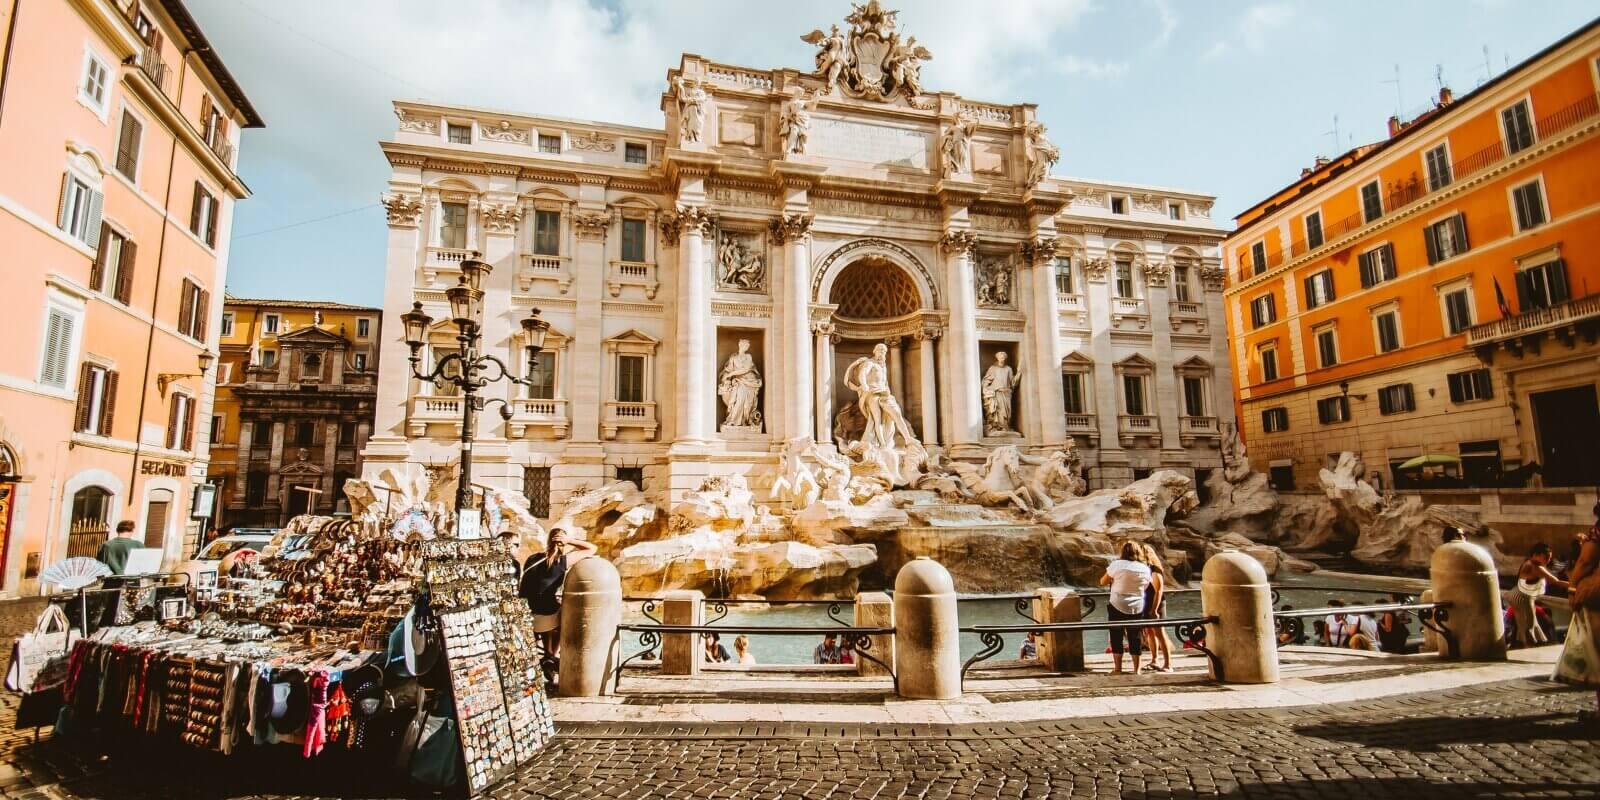 roman-holidays-cuore-dell-impero-fontana-di-trevi